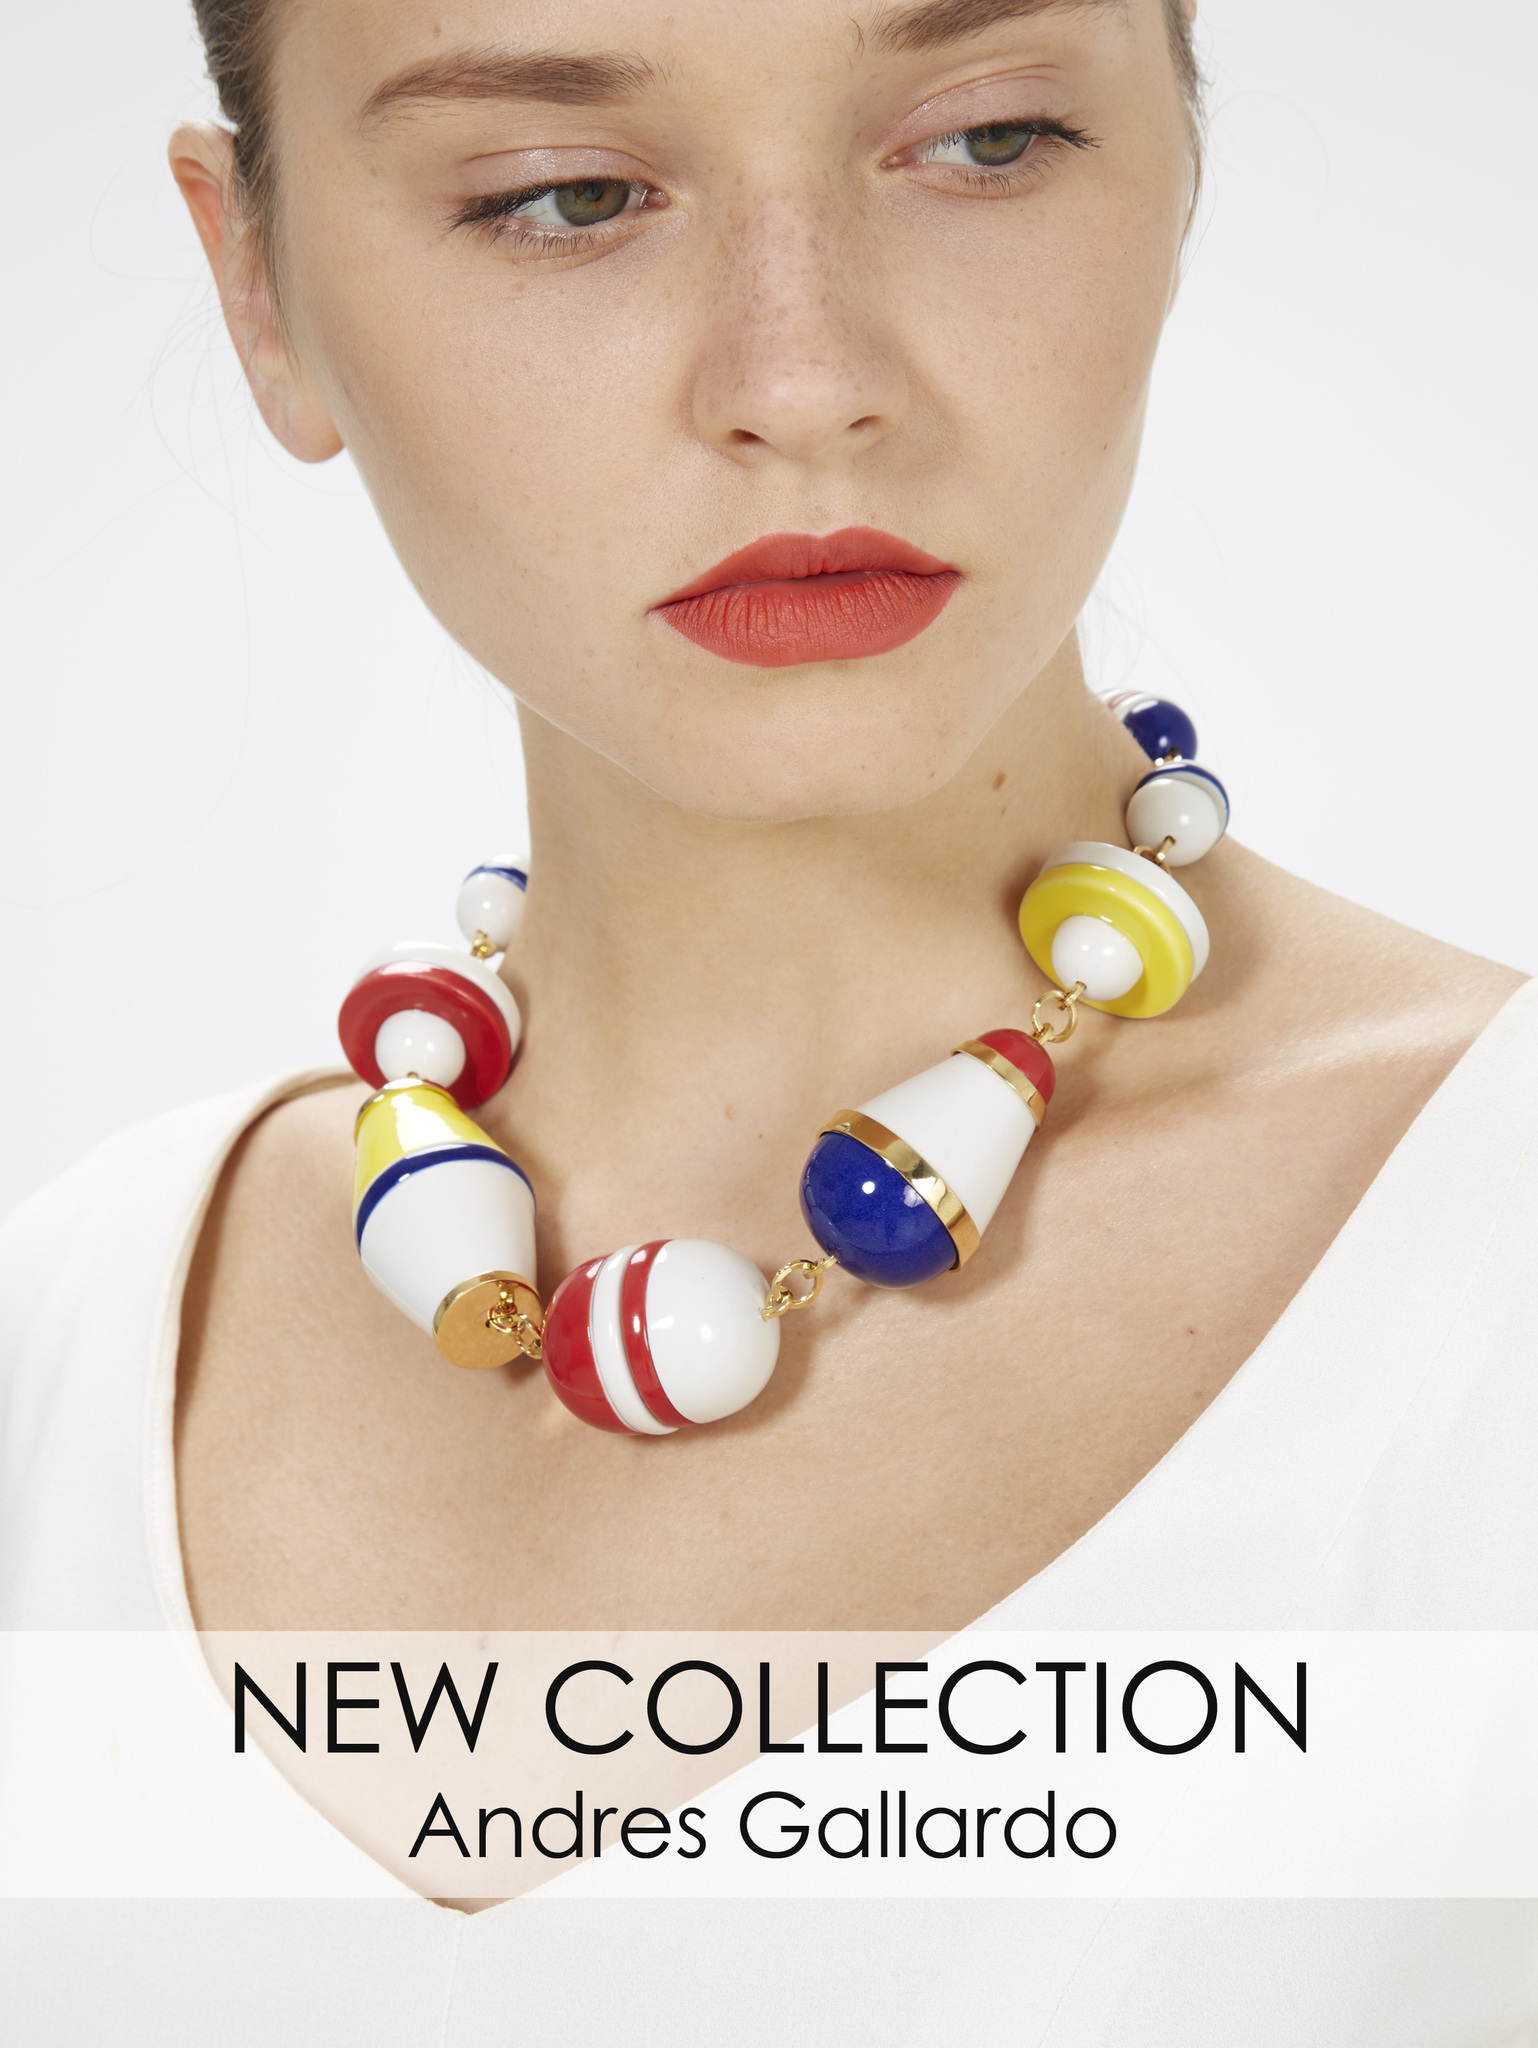 Новая коллекция Orilla весна-лето 2016 от испанского дизайнера Andres Gallardo